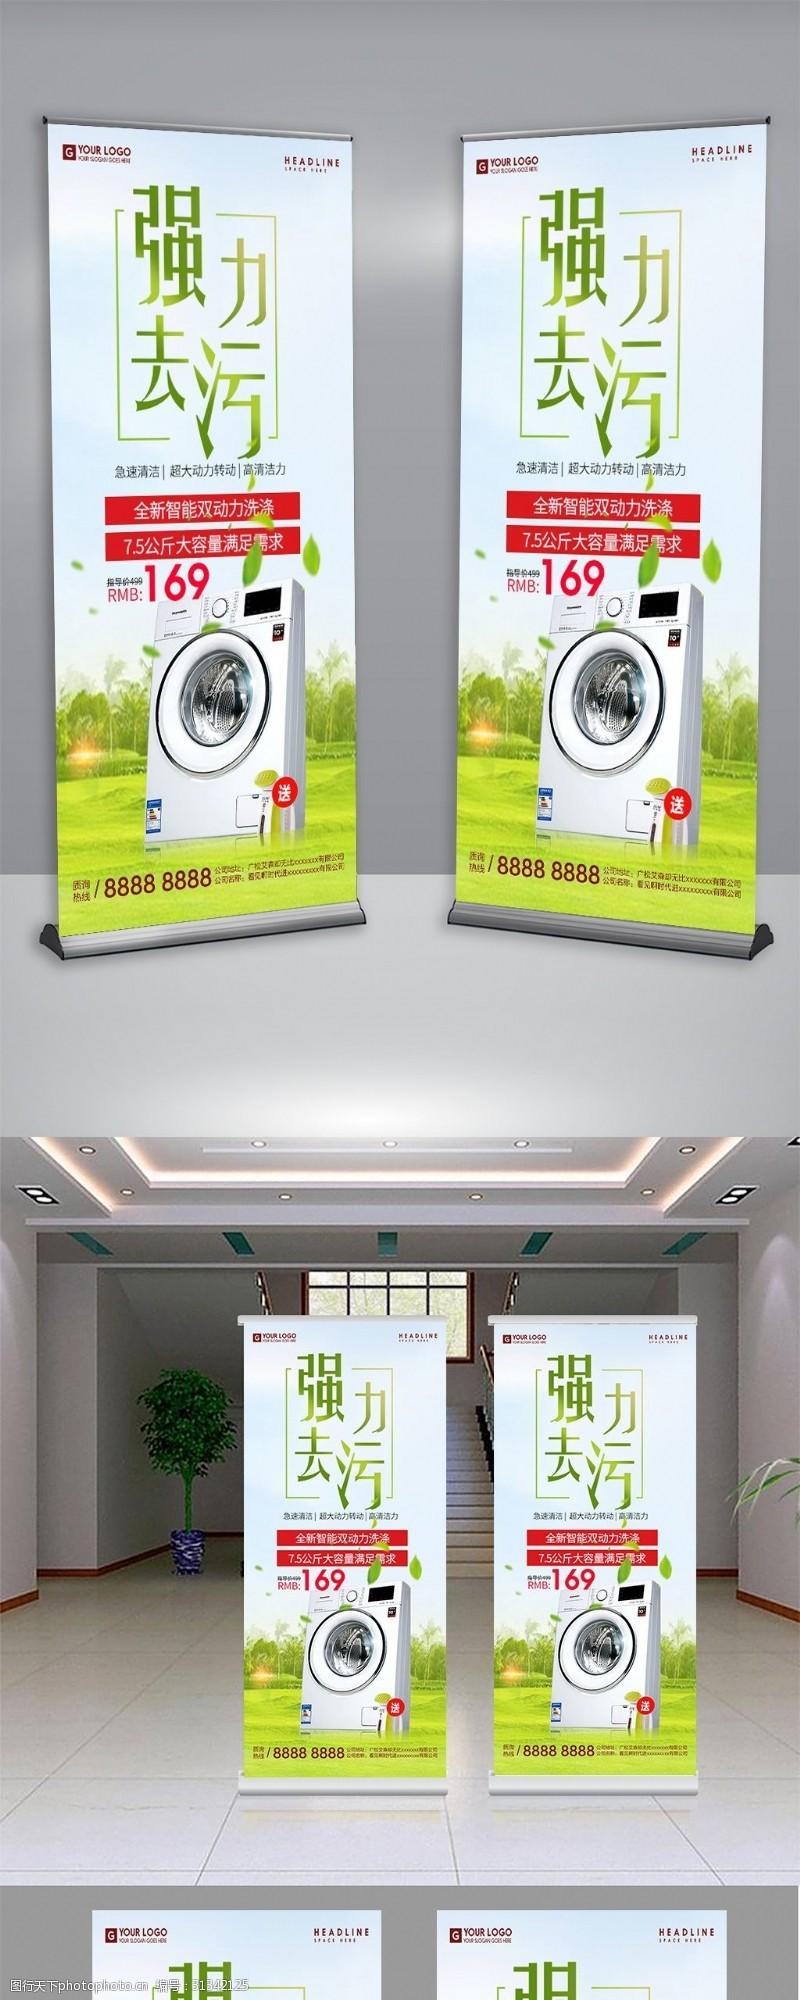 家电下乡创意设计电器宣传促销展架